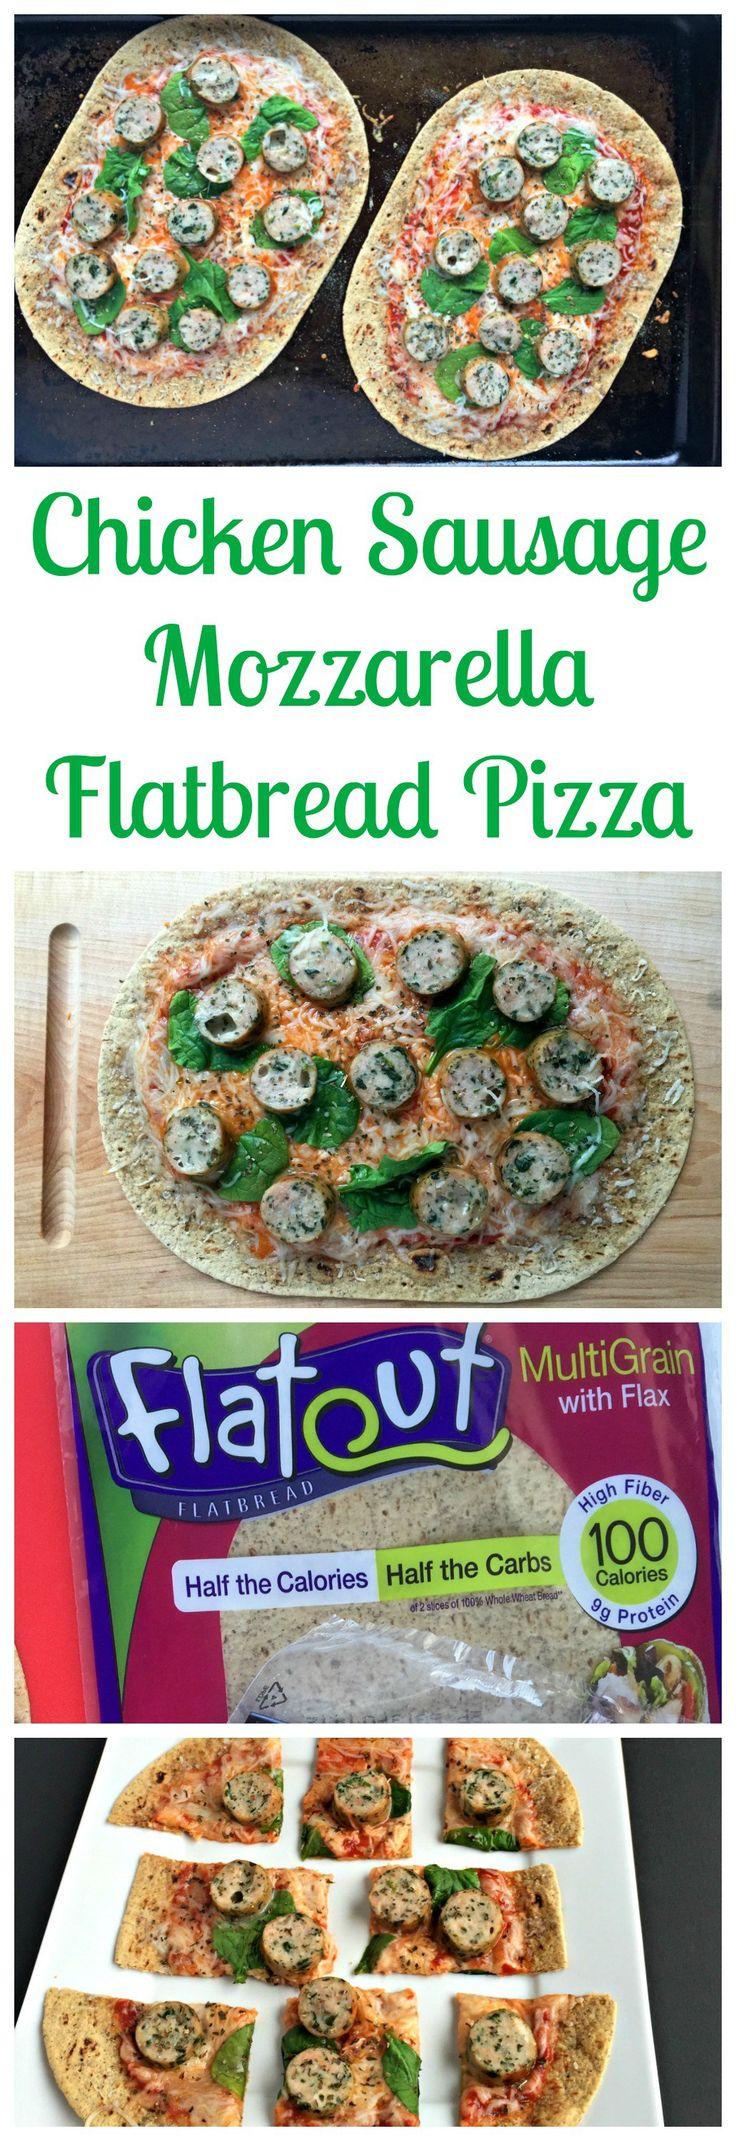 chicken.sausage.flatbread.flatout.pizza #ad